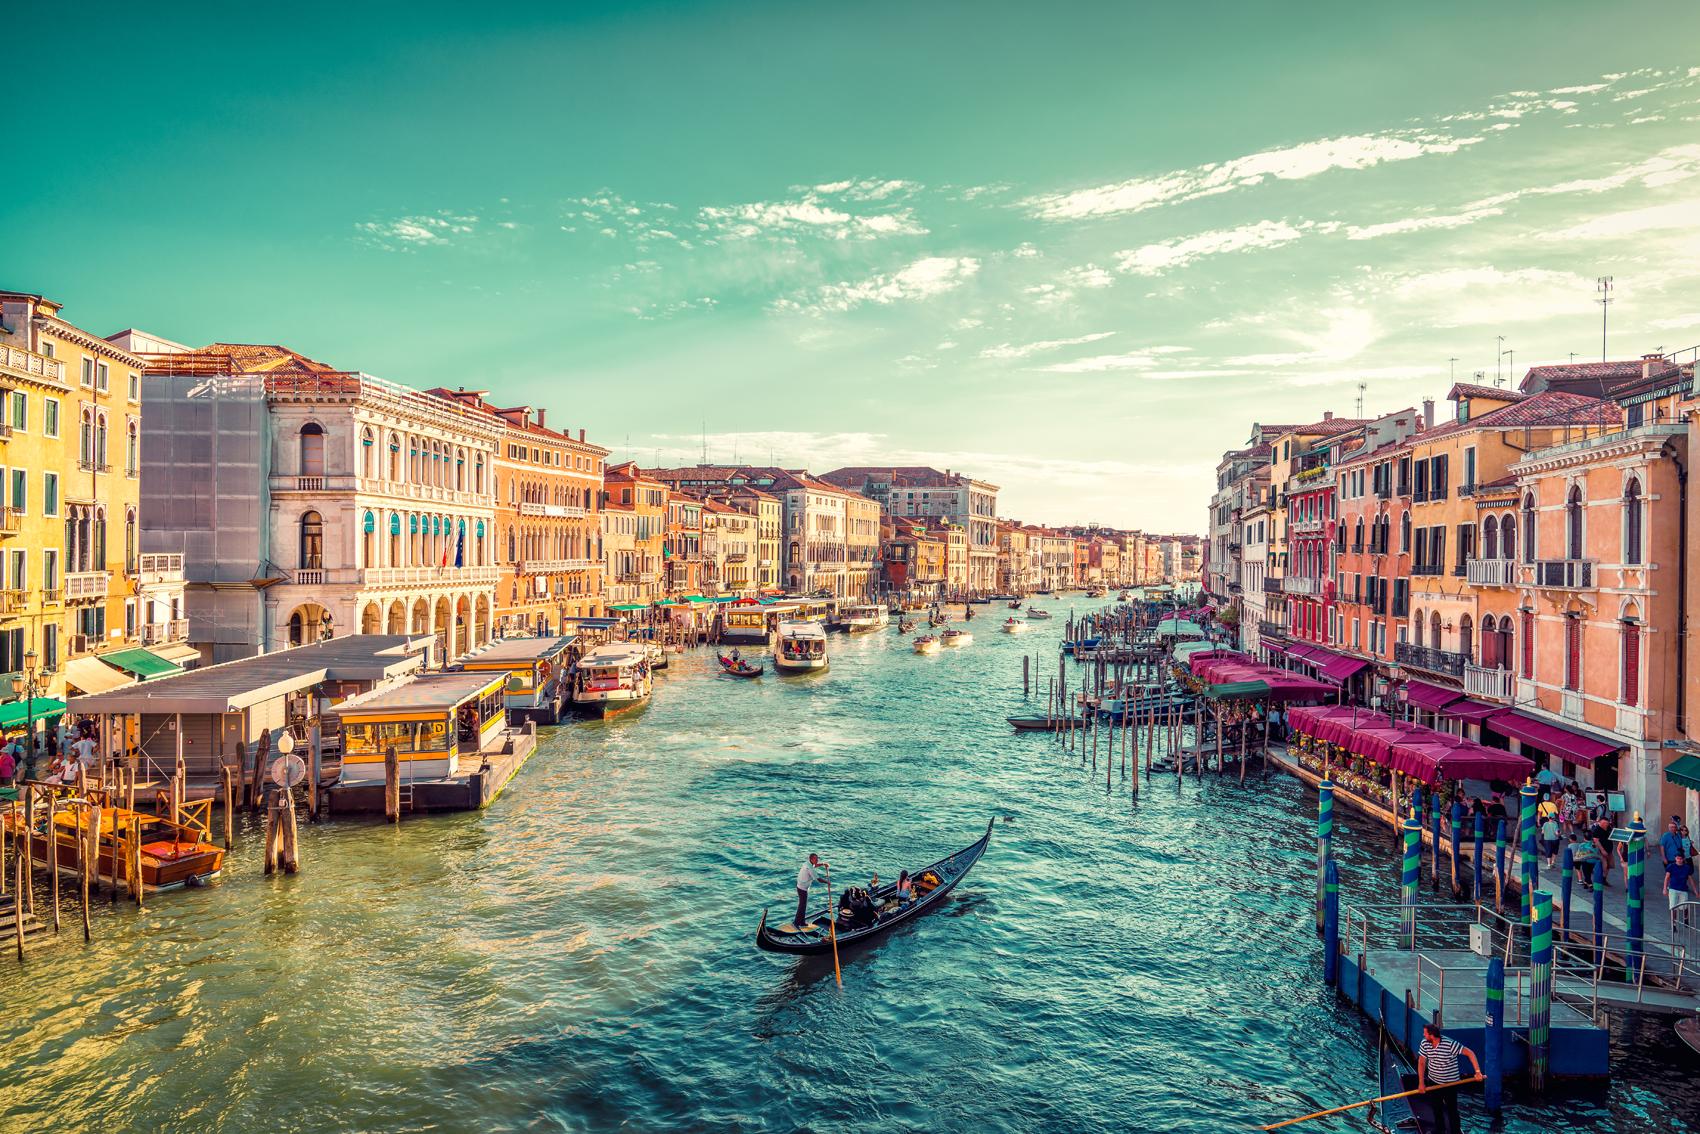 Hình ảnh thành phố Venice